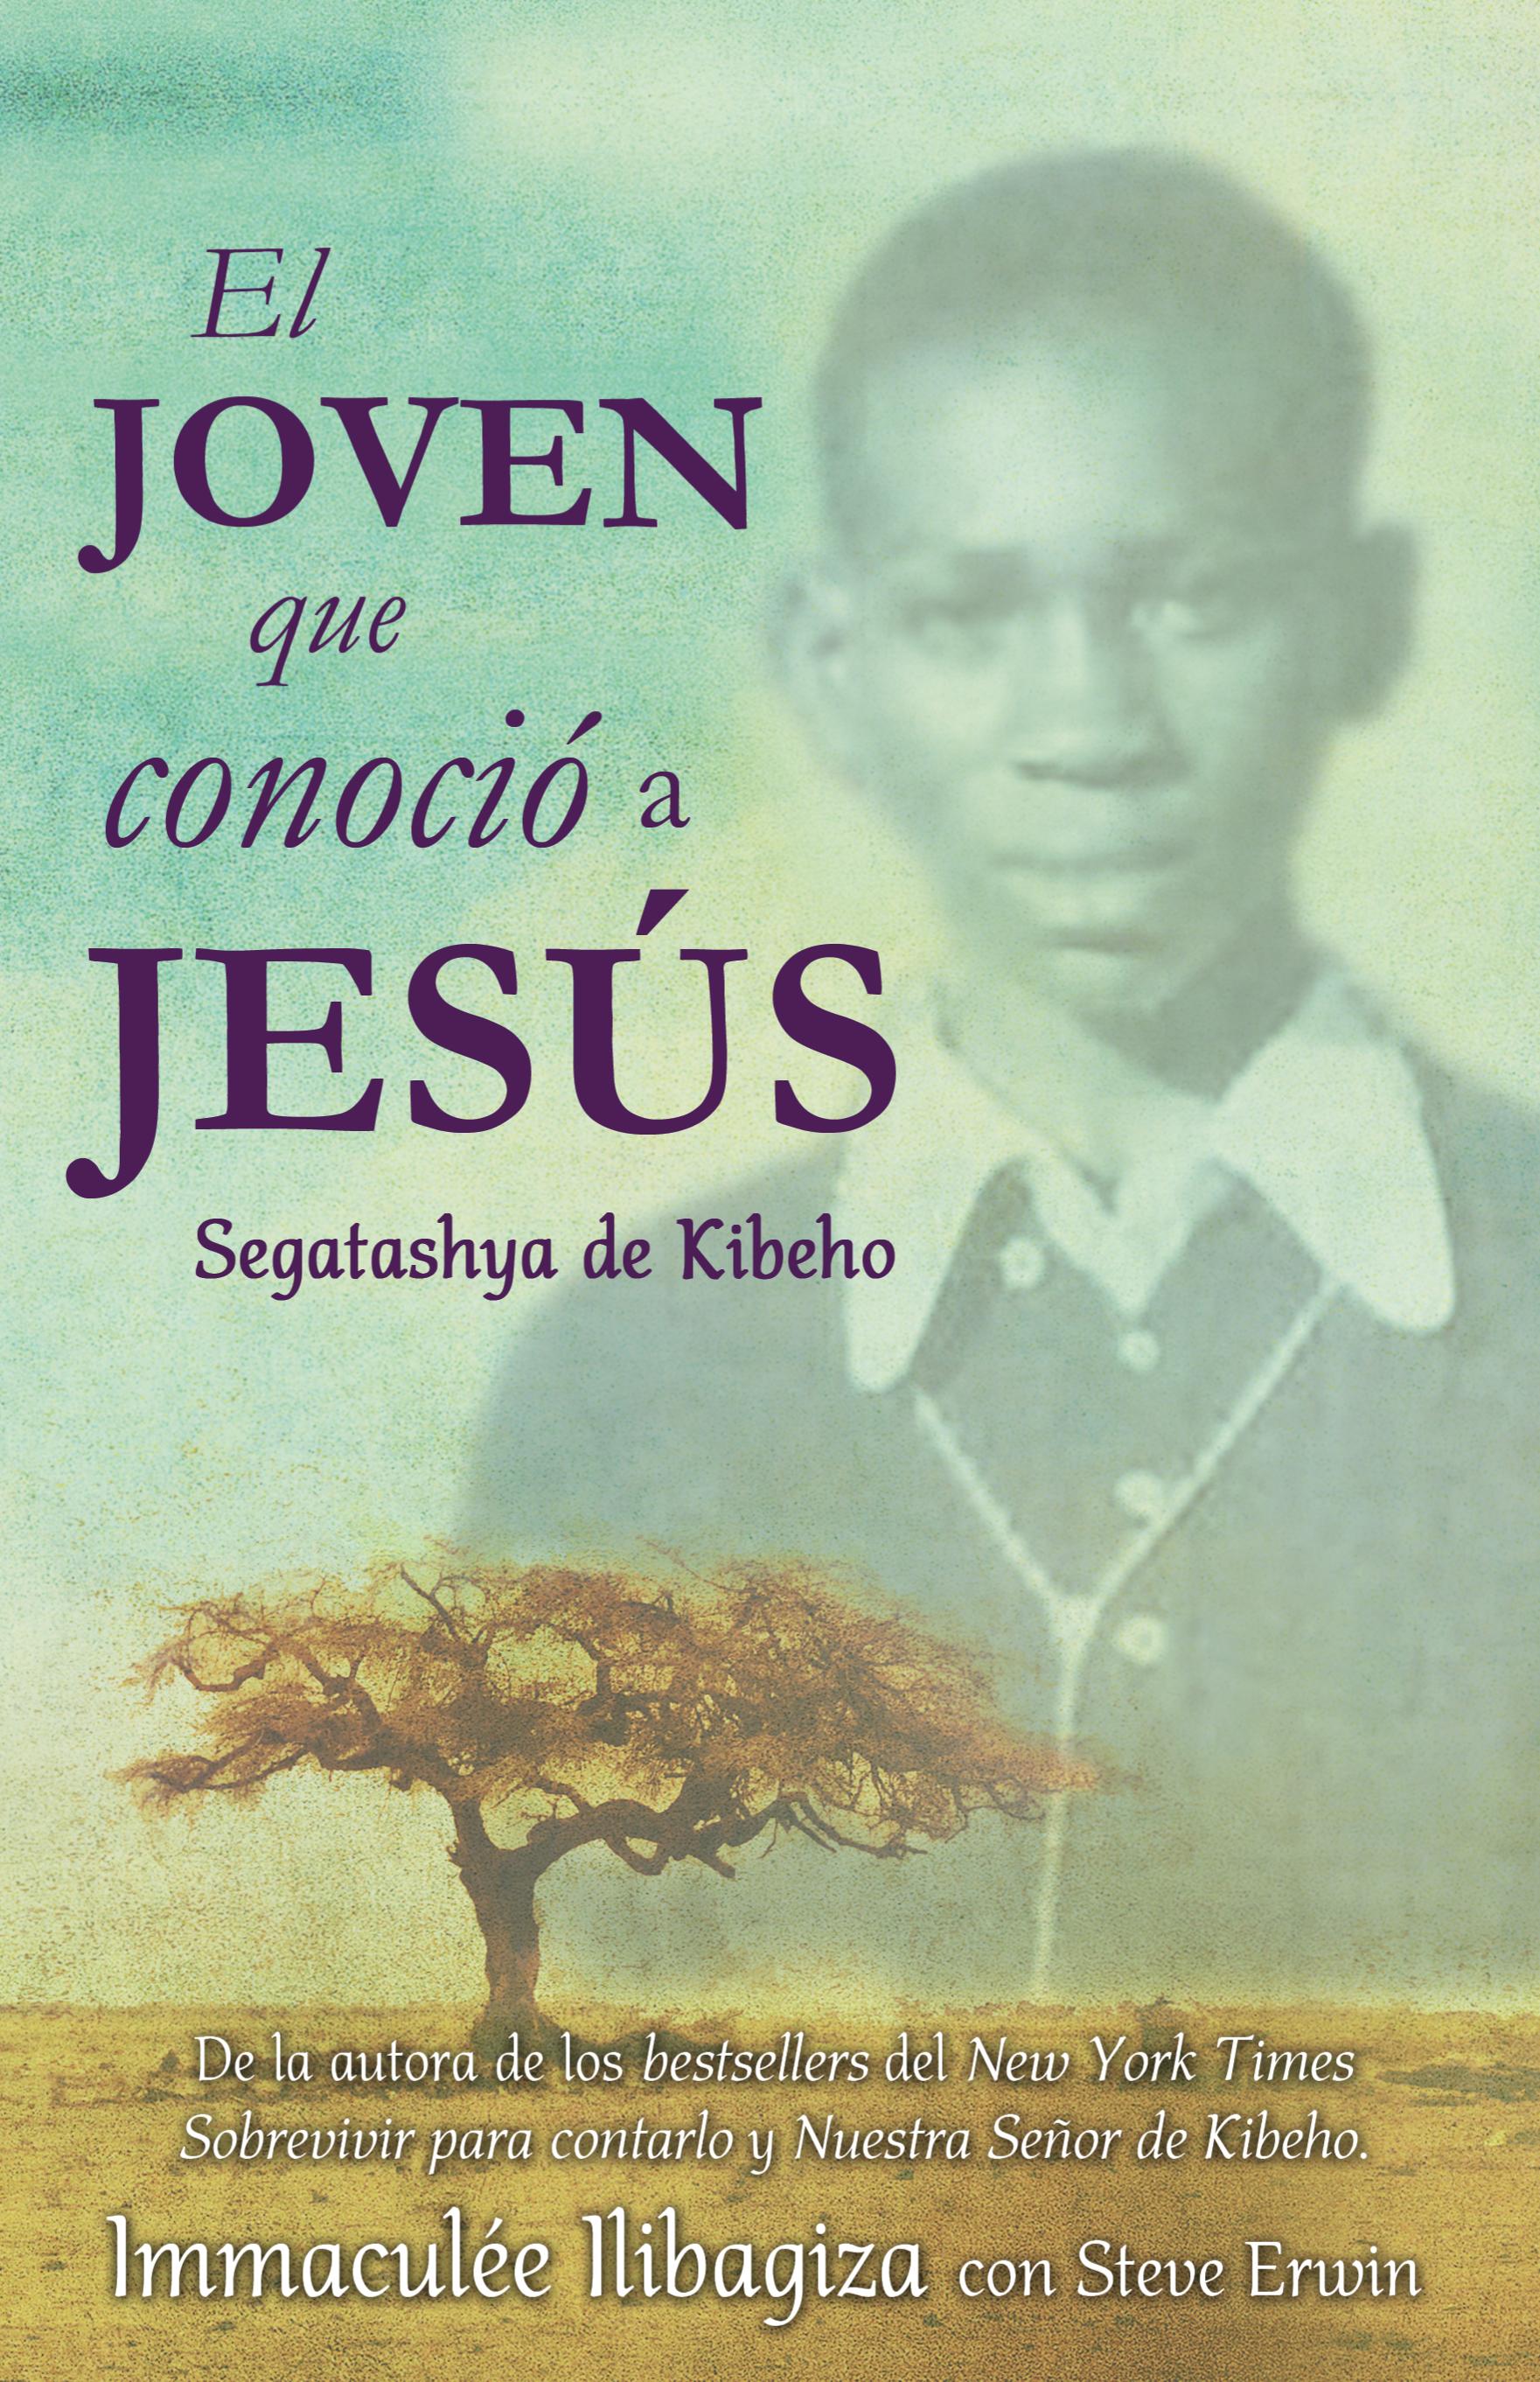 El joven que conoció a Jesús